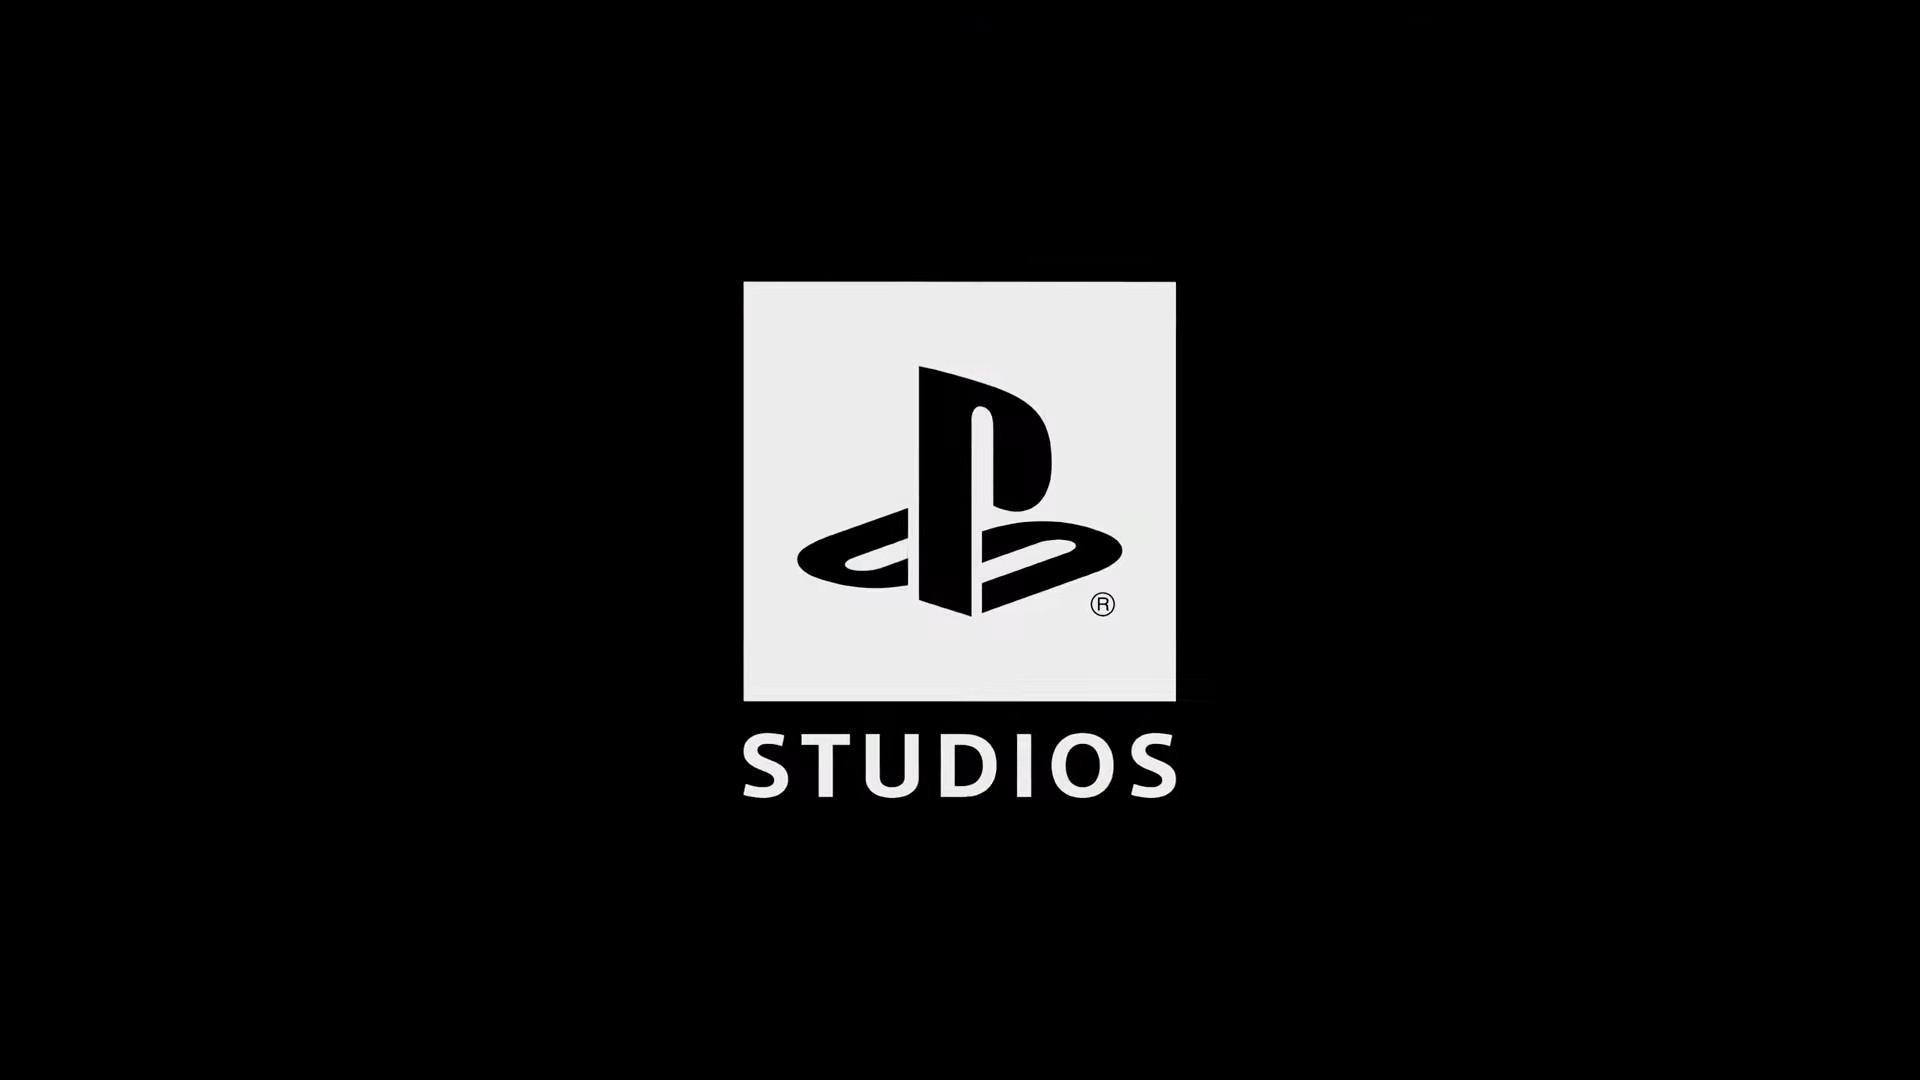 Sony разрабатывает более 25 игр для PS5, почти половина из них - новые IP 2